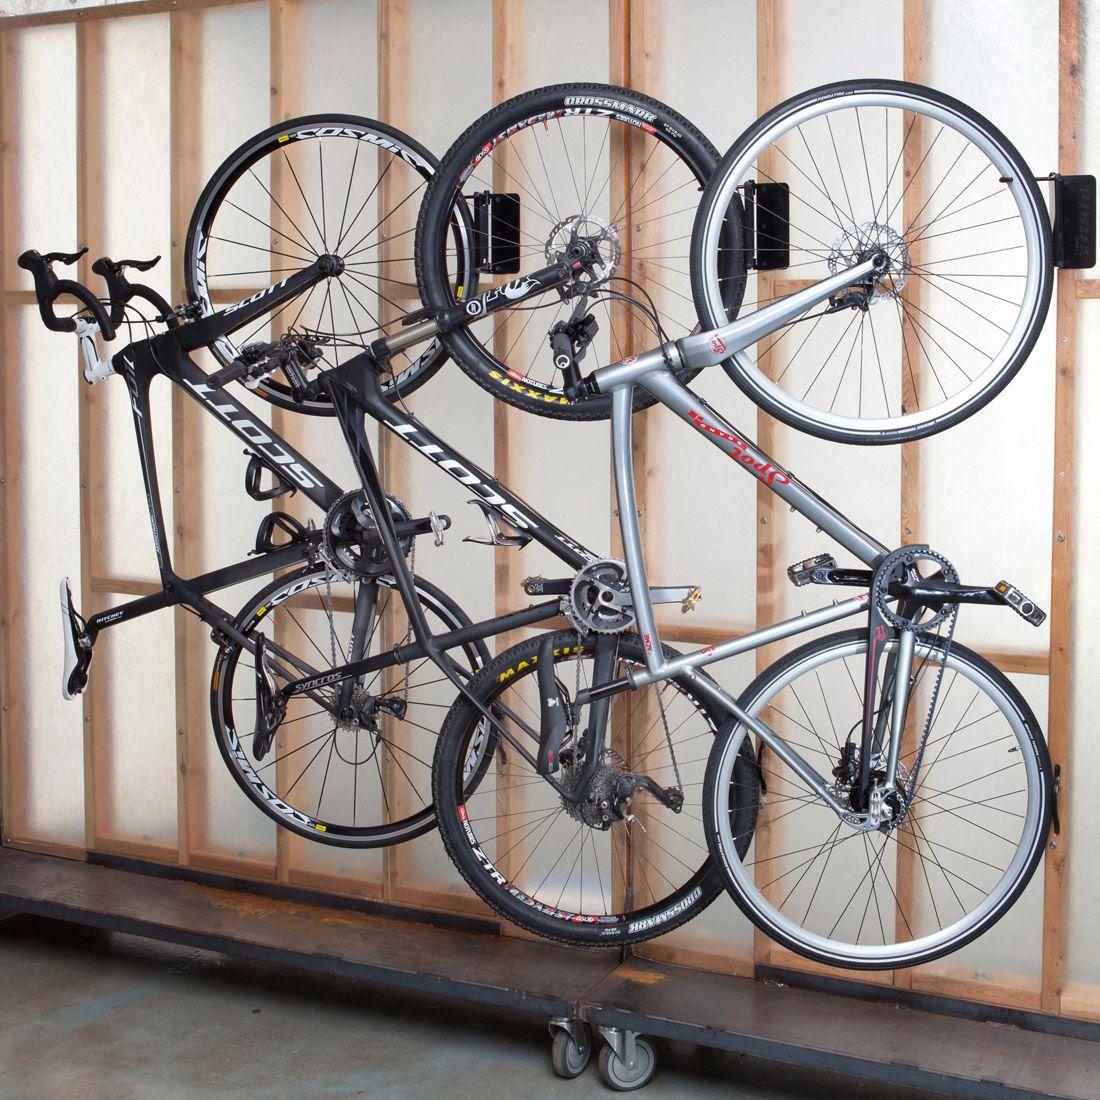 feedback sports velo hinge fahrrad wandhalter klappbar schwarz garage pinterest. Black Bedroom Furniture Sets. Home Design Ideas